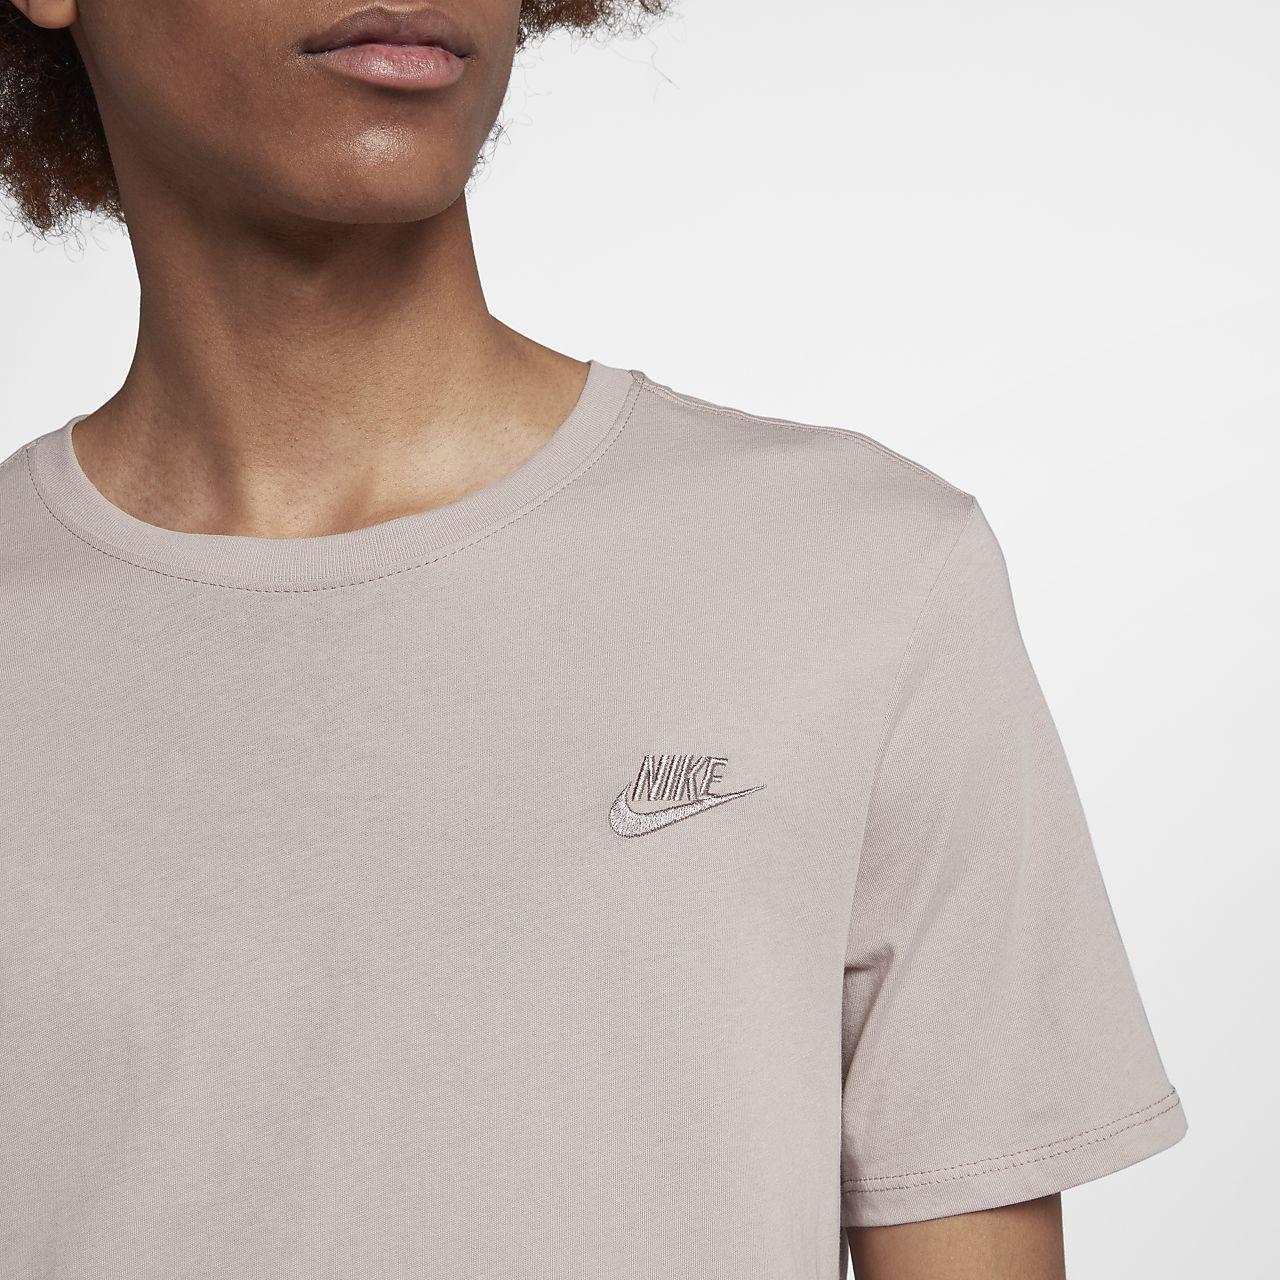 nike shirt beige